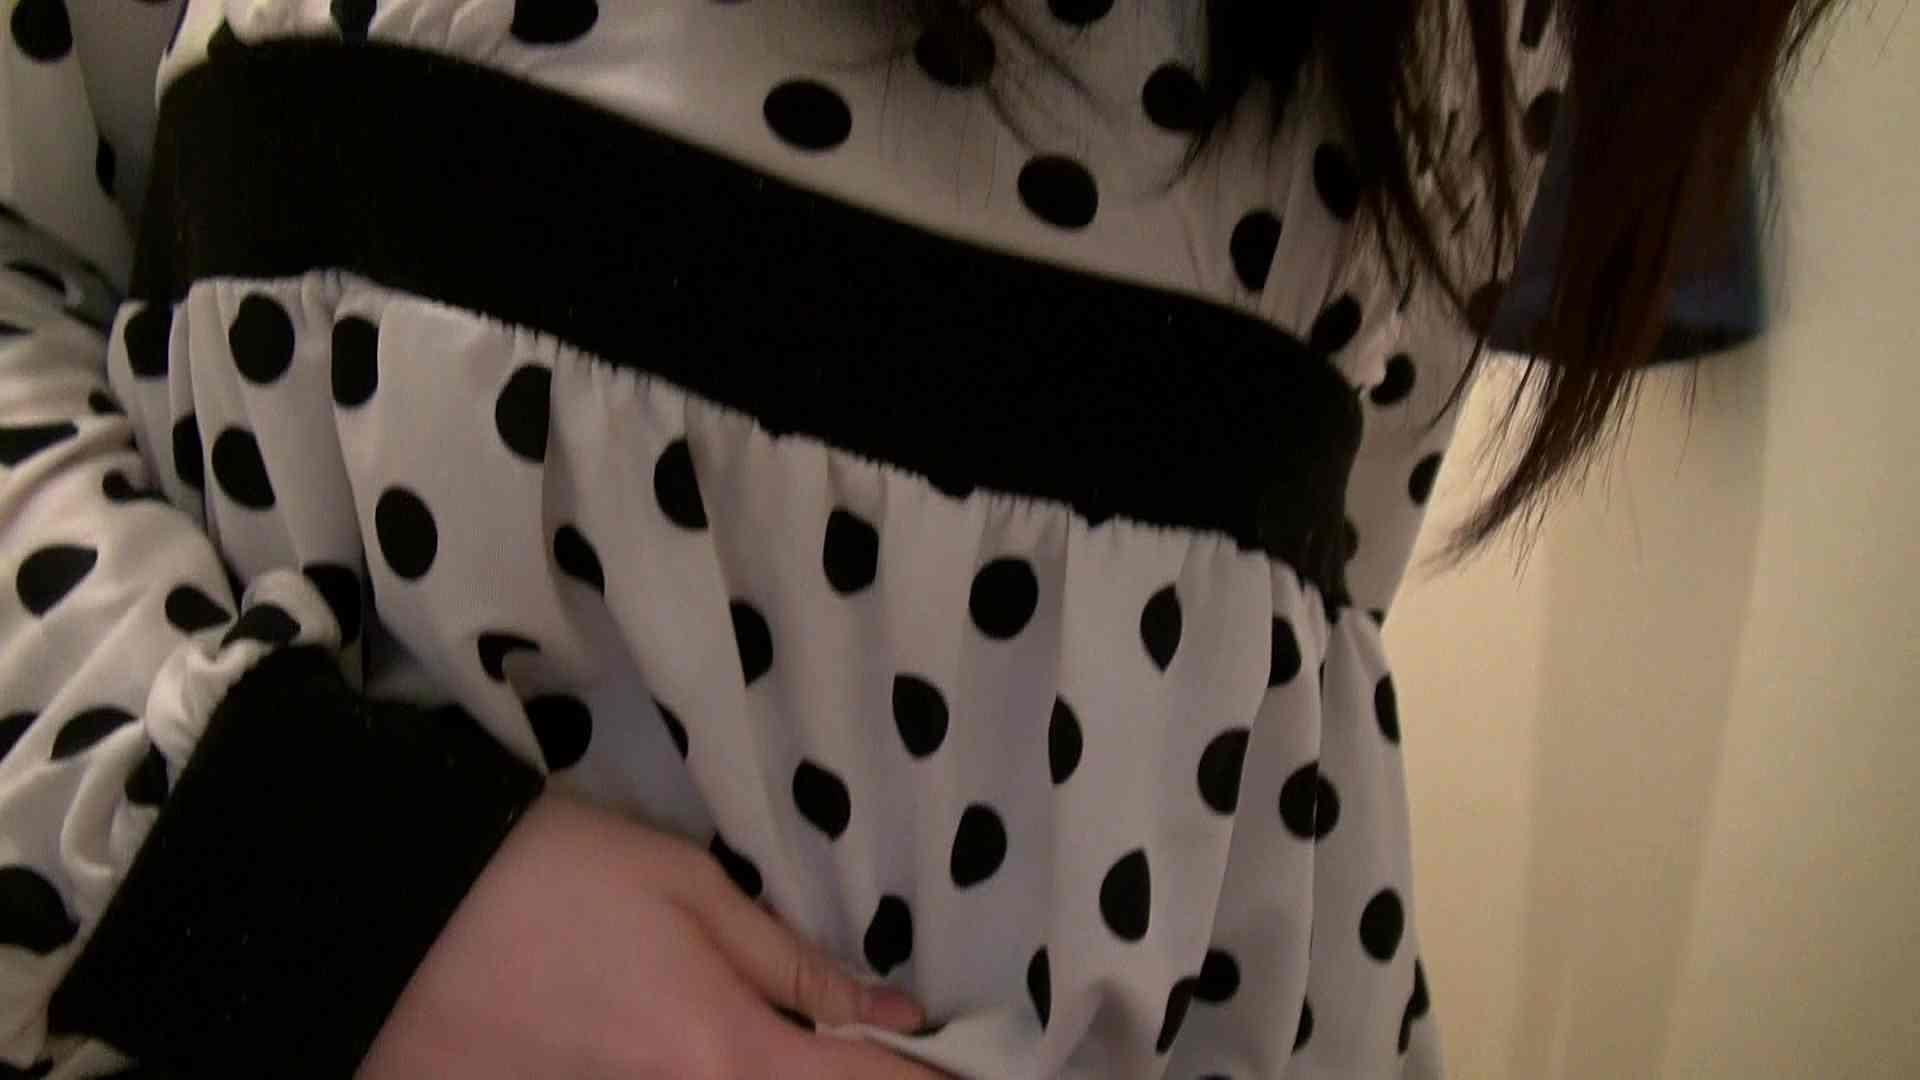 志穂さんにお手洗いに行ってもらいましょう 独占盗撮 エロ無料画像 105連発 42